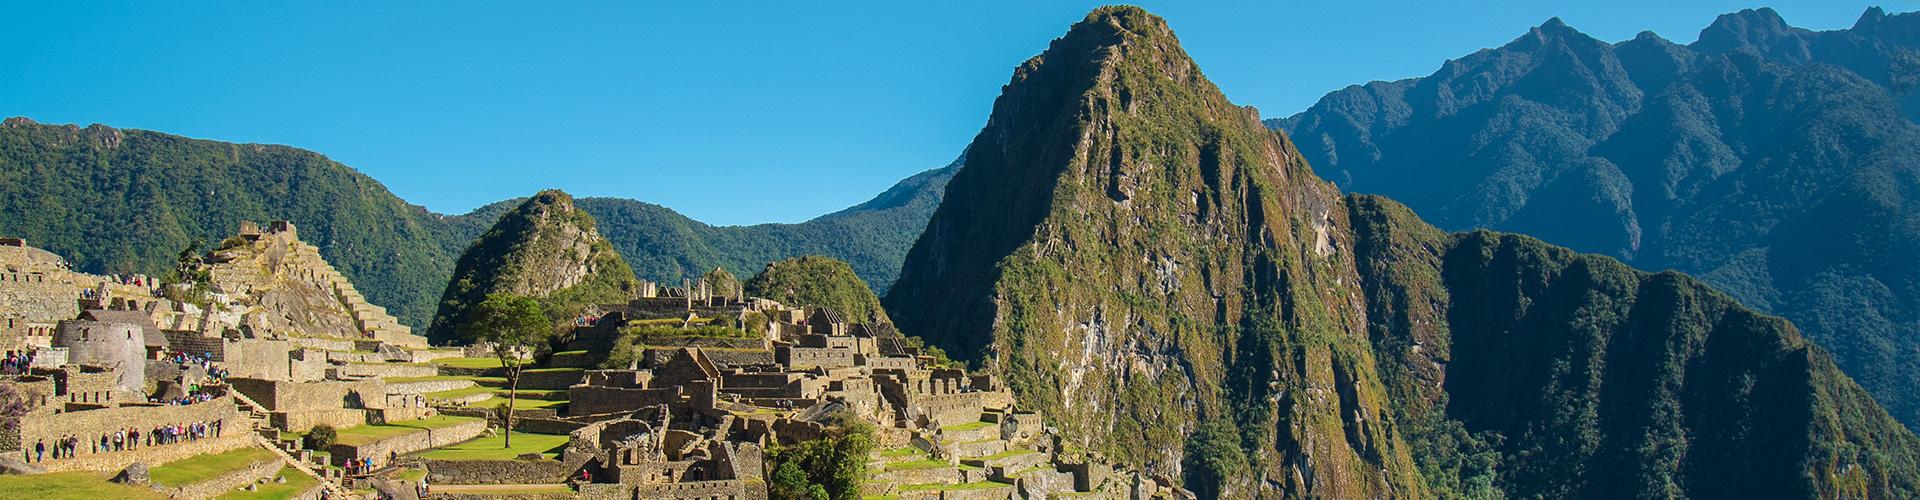 Cycle Peru: Machu Picchu & the Sacred Valley